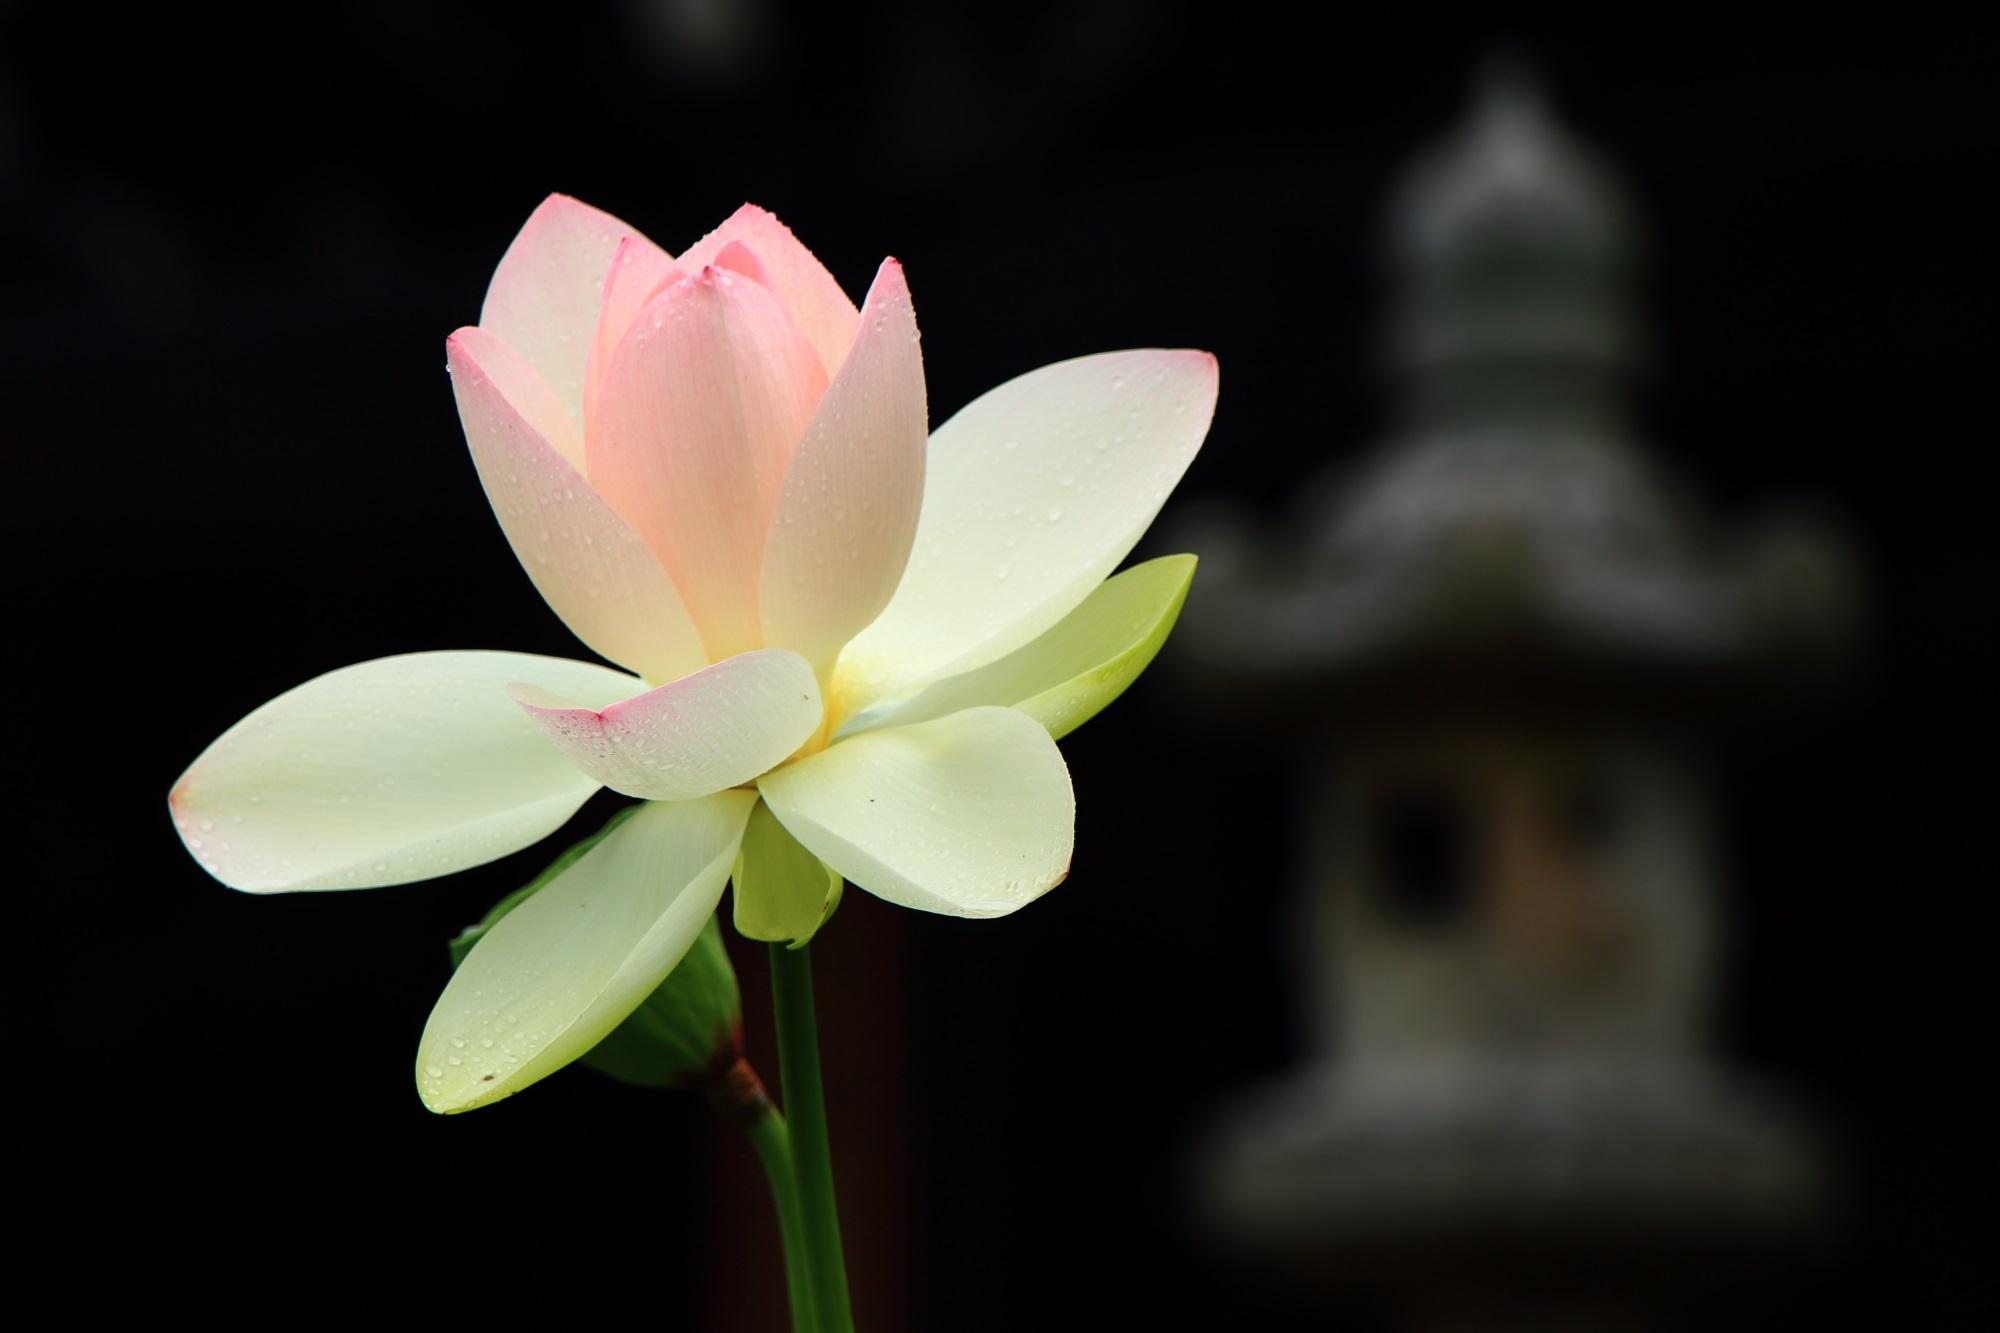 ほのかなピンクが入った優しい感じの蓮の花と灯籠